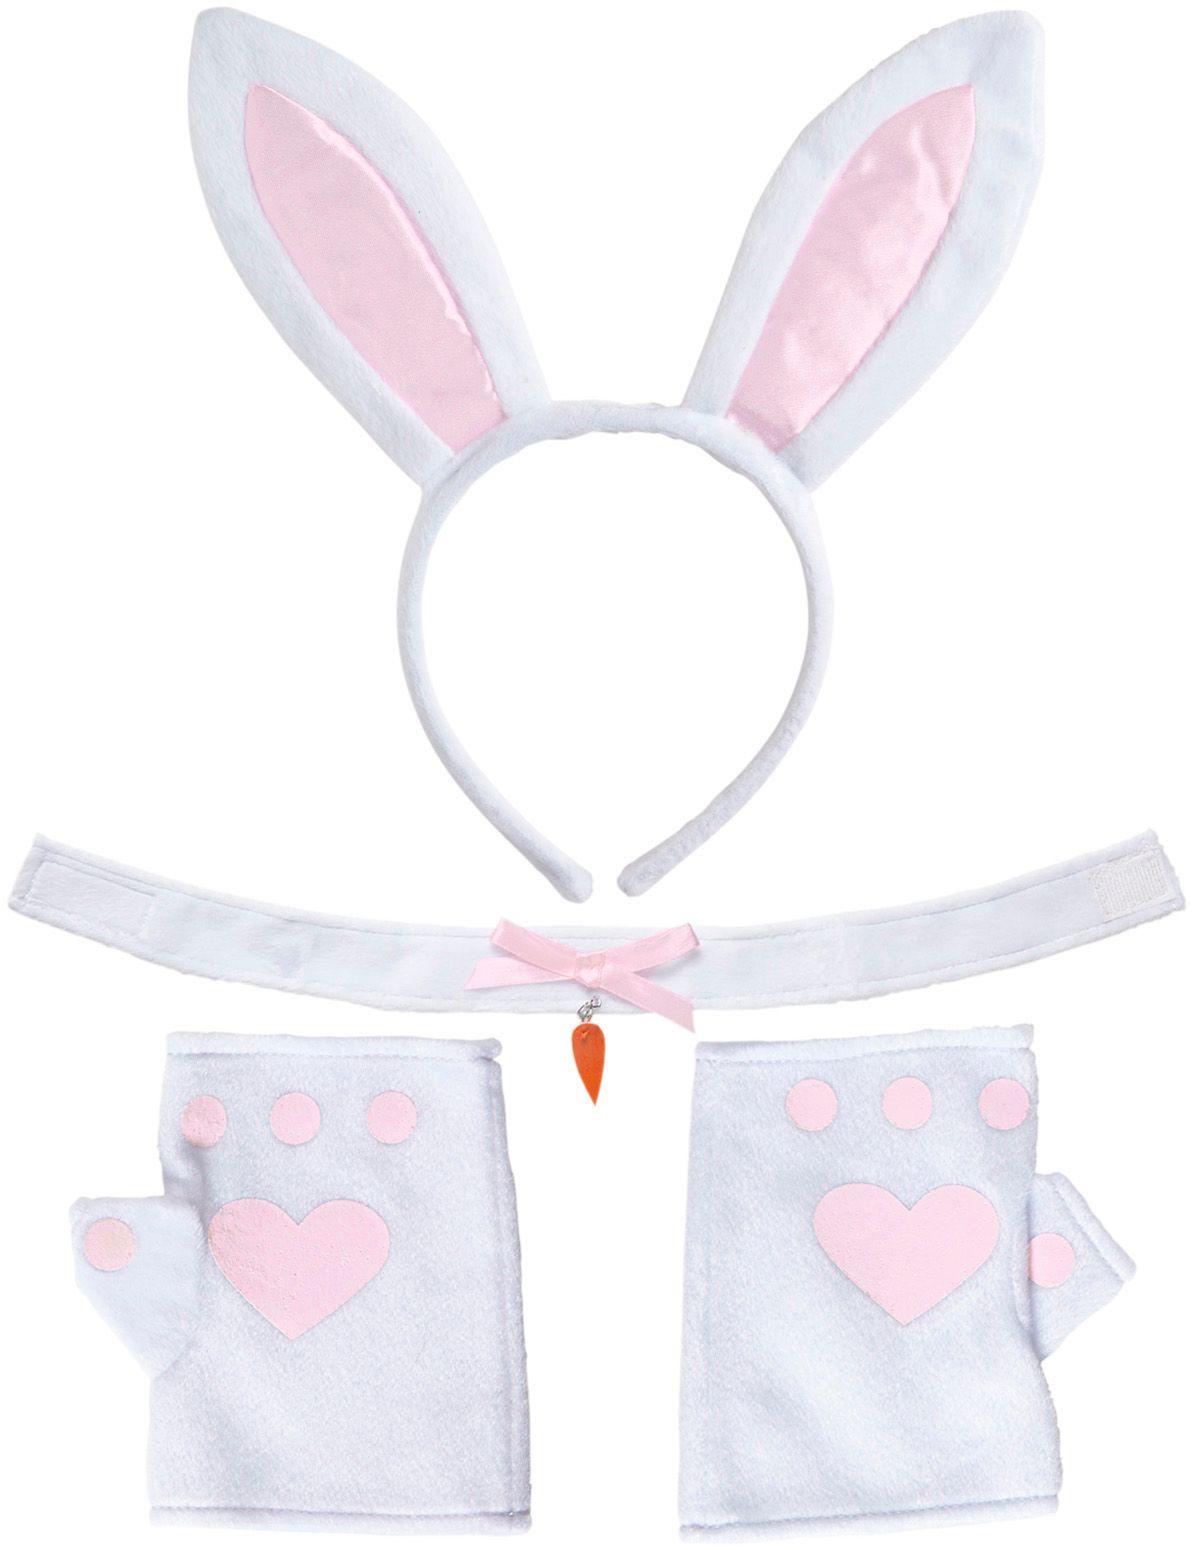 Bunny accessoires set